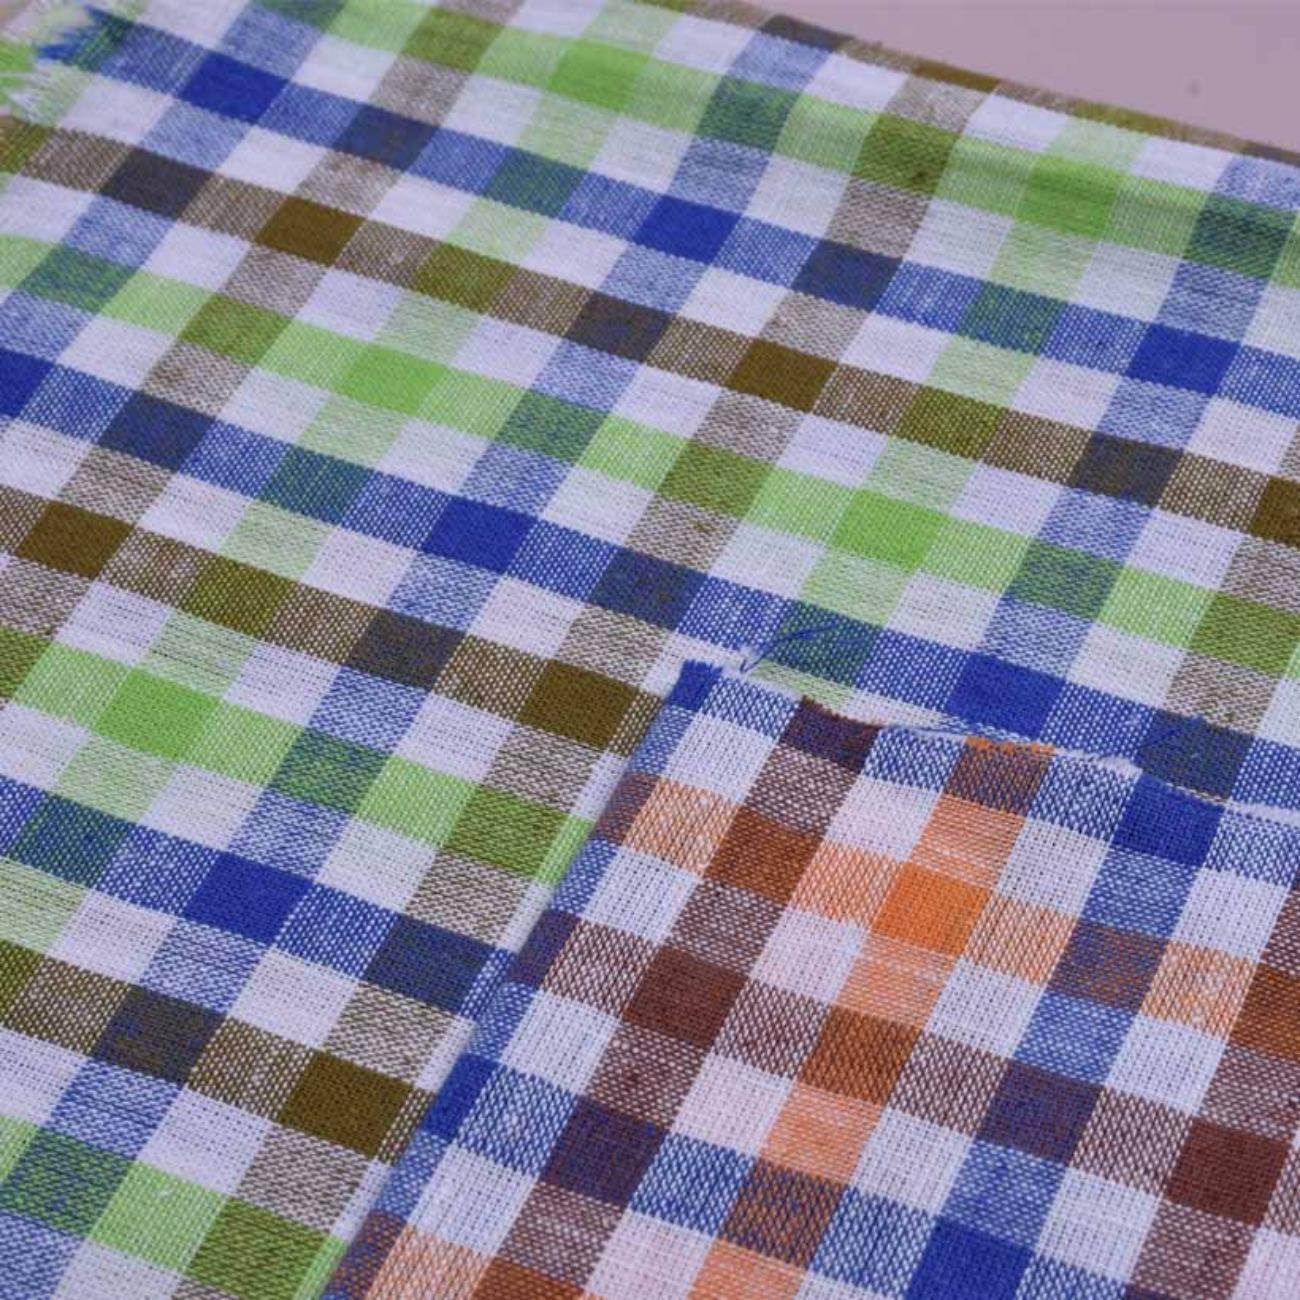 现货条子梭织色织休闲时尚风格衬衫连衣裙 短裙 棉感 60929-53